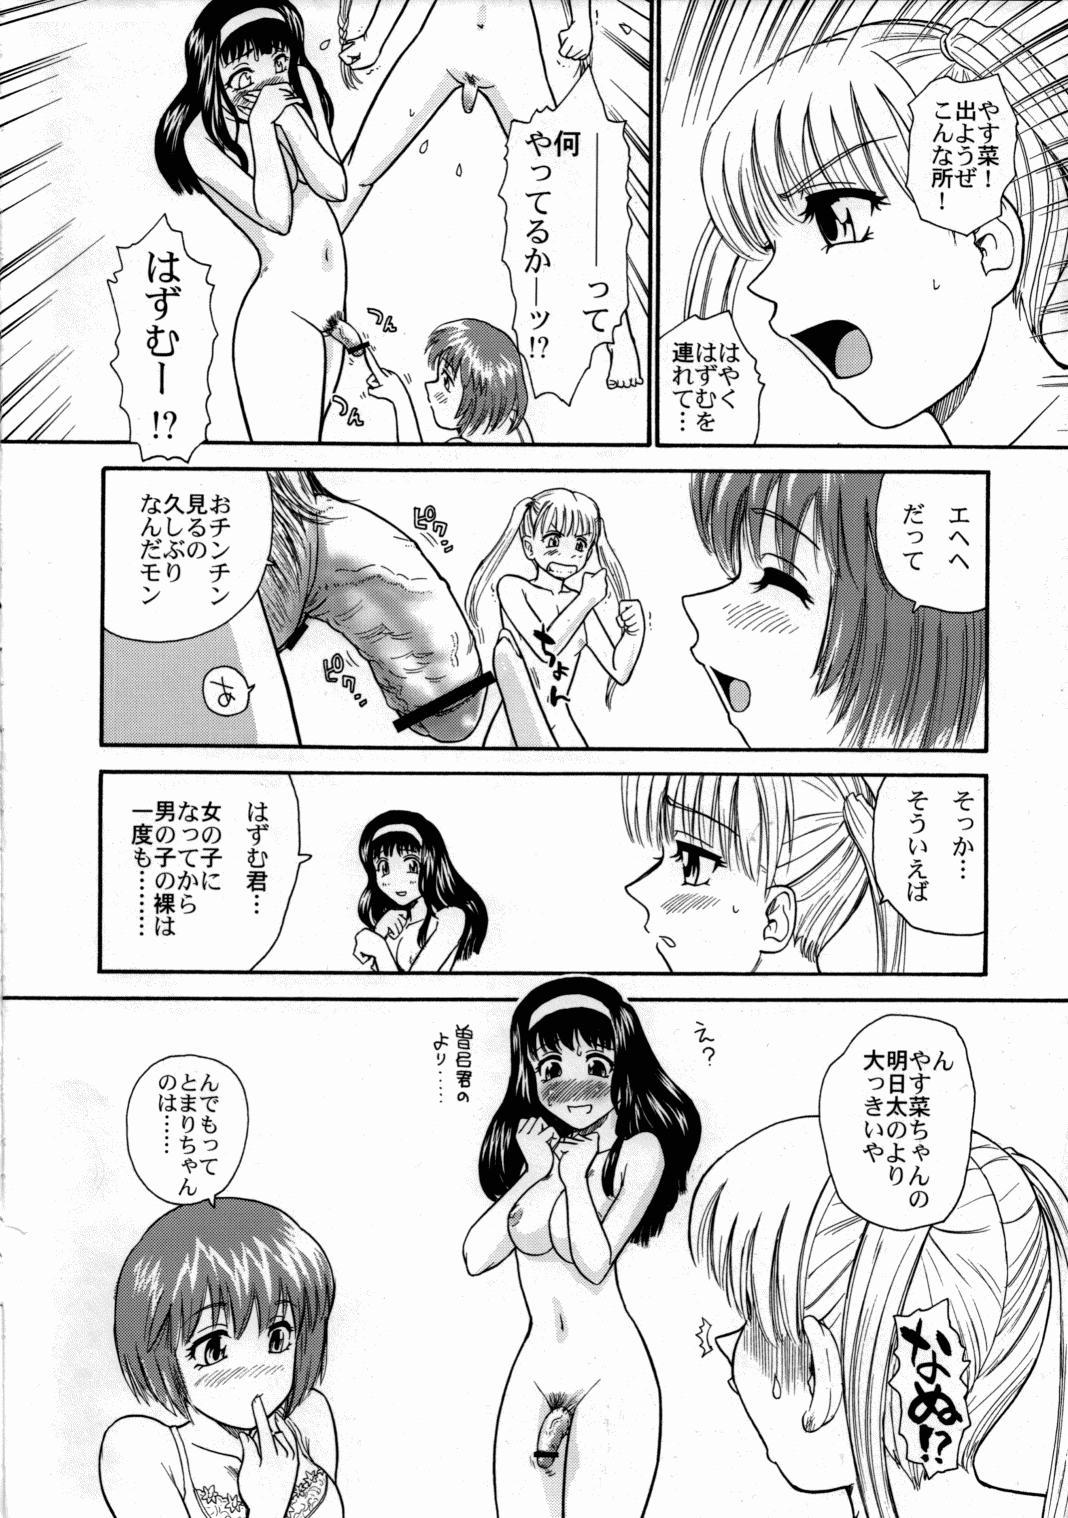 Kanshimashi 6